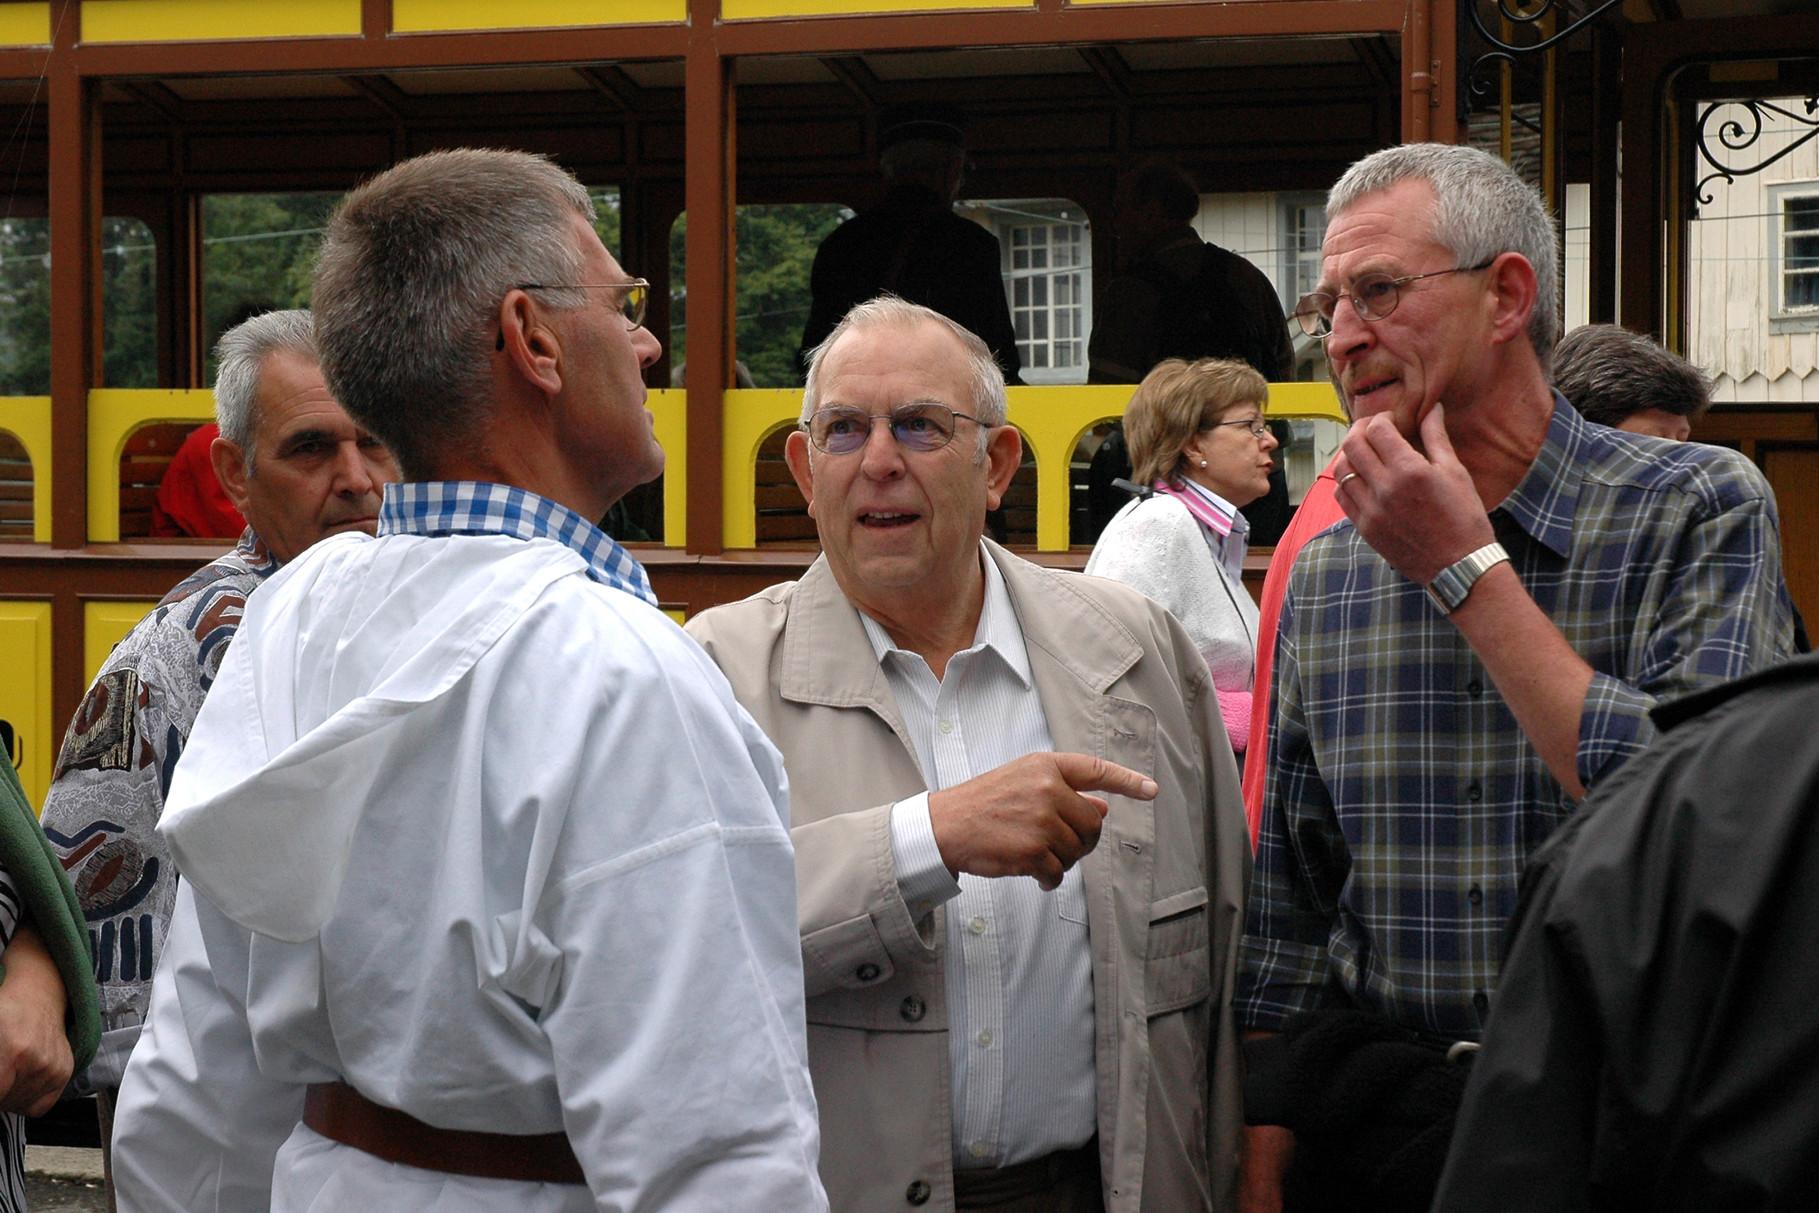 Aktive und Ehemalige treffen sich auf dem Perron der Rigi-Bahn in Goldau